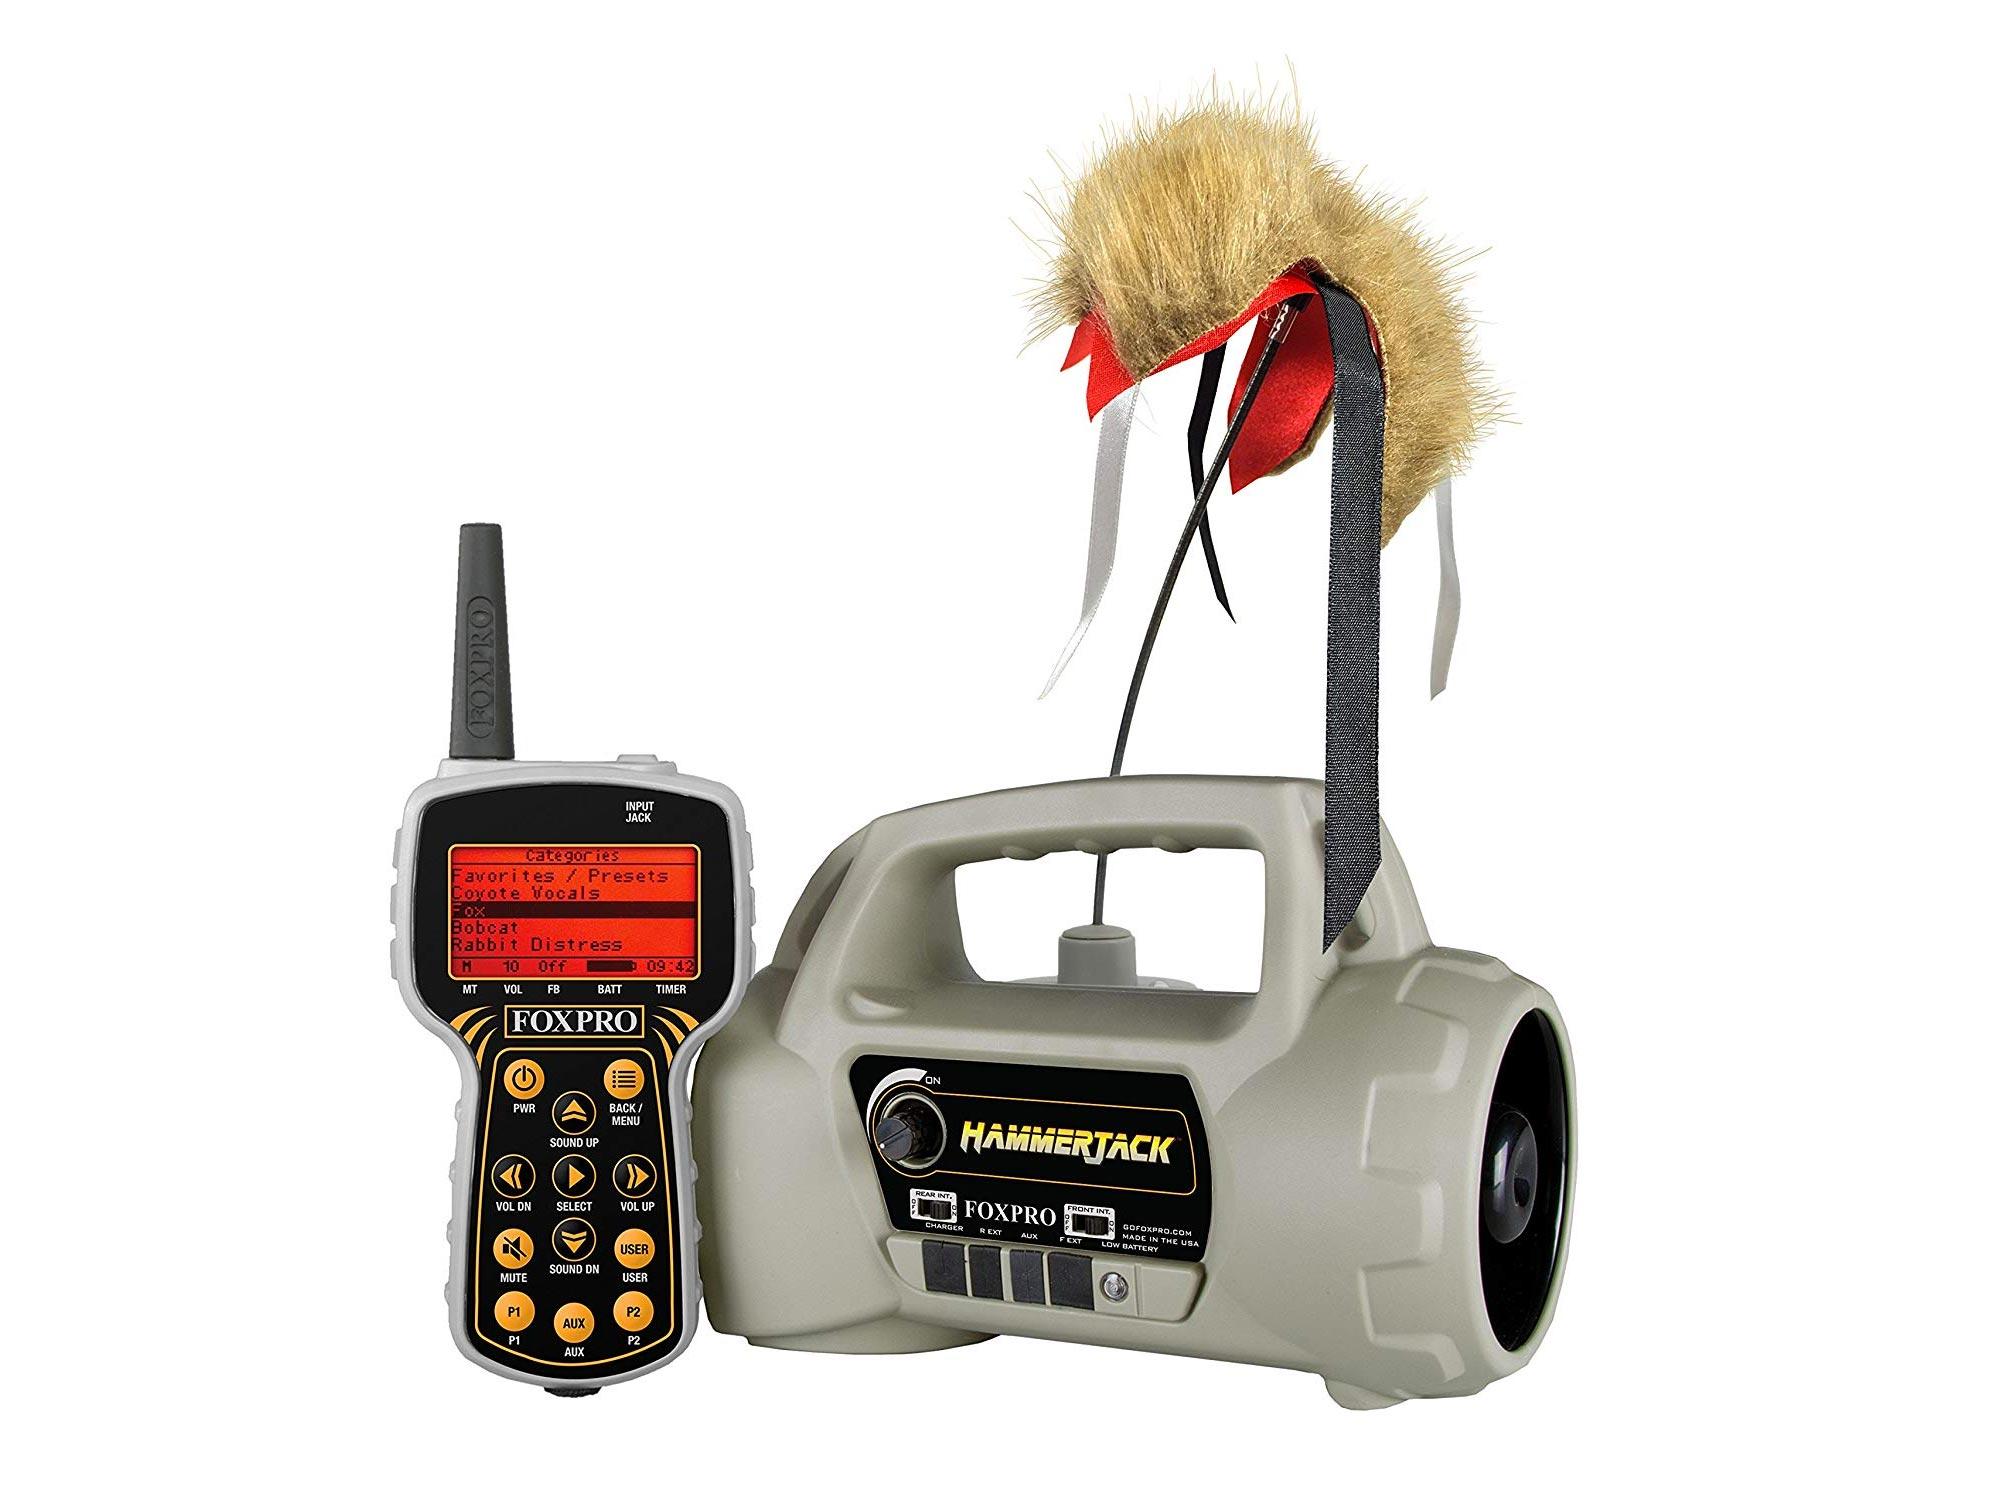 Foxpro predator call